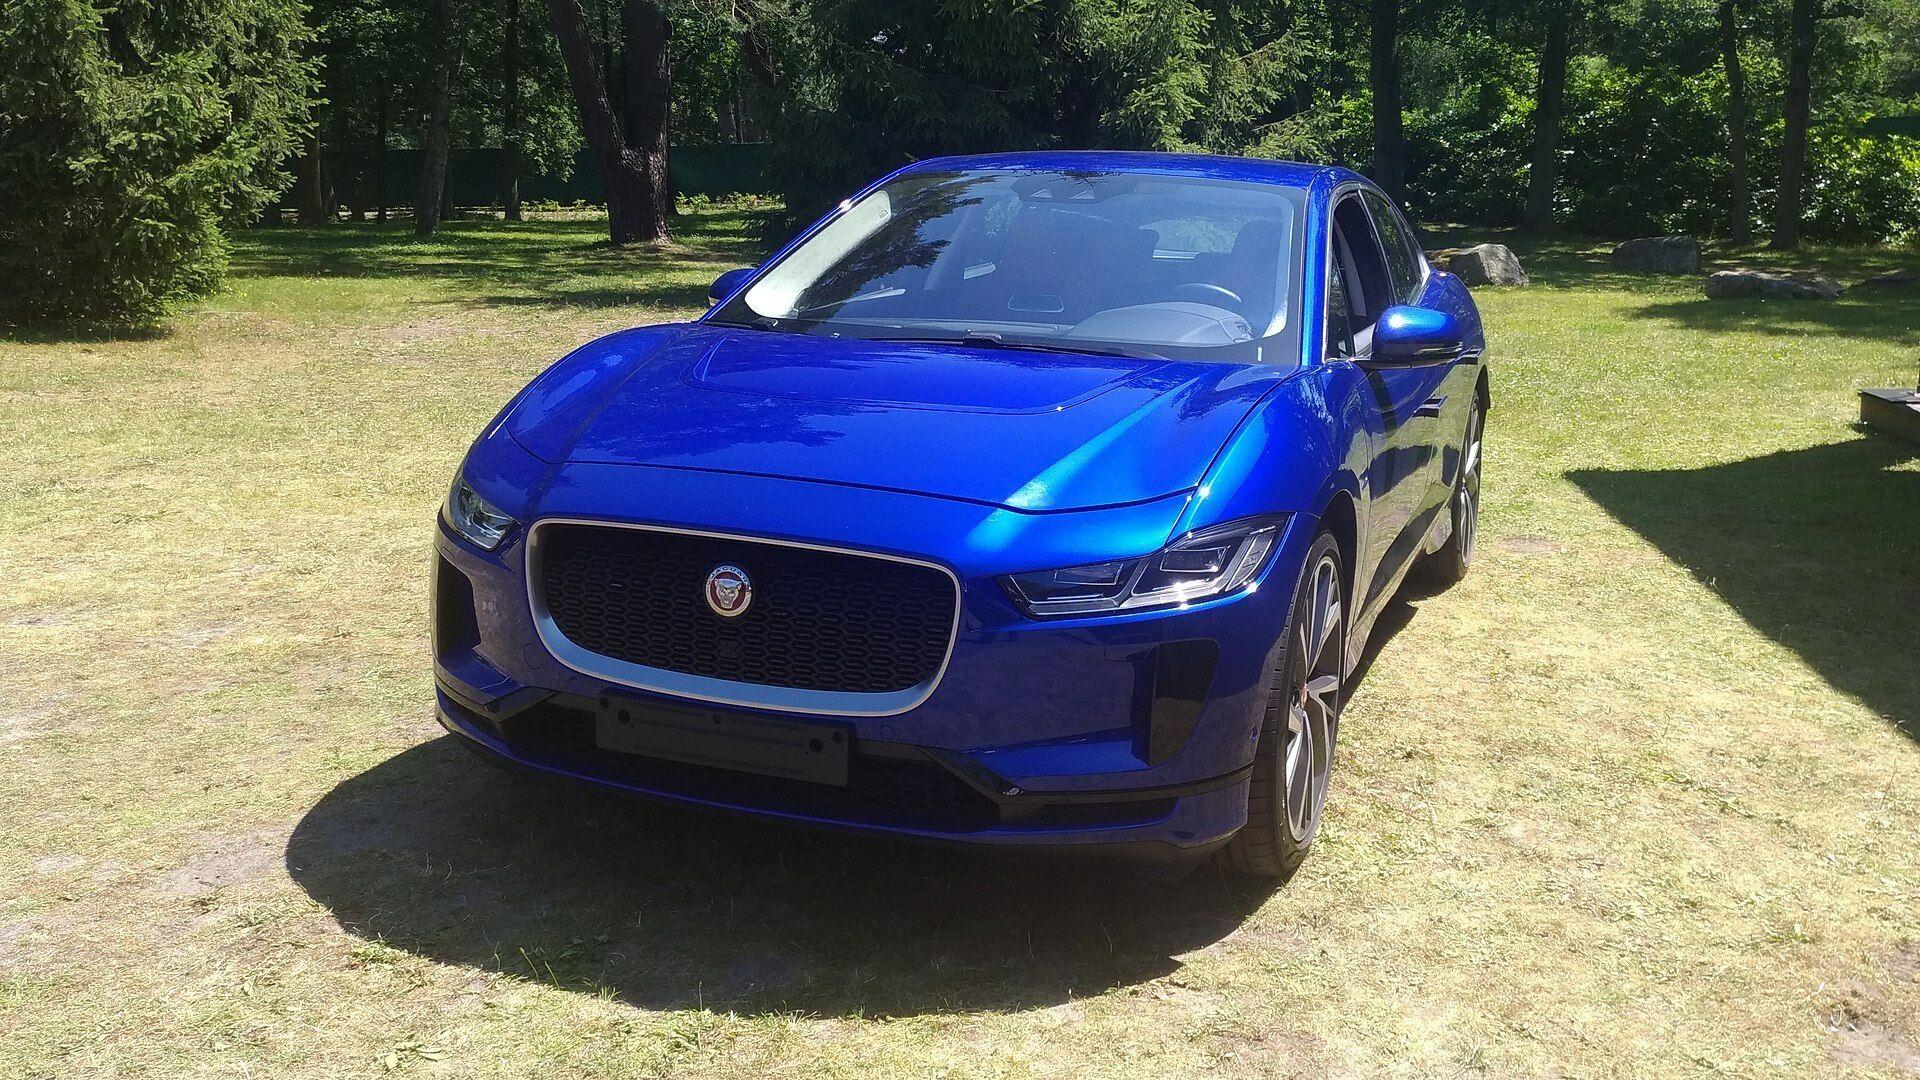 """""""Jaguar Land Rover"""" šiuo metu patiria milijardinius nuostolius, bet ruošia tokius elektromobilius, kokių neturės net """"Tesla"""": kas nutiko šiai kompanijai ir kaip ji ketina išgyventi"""